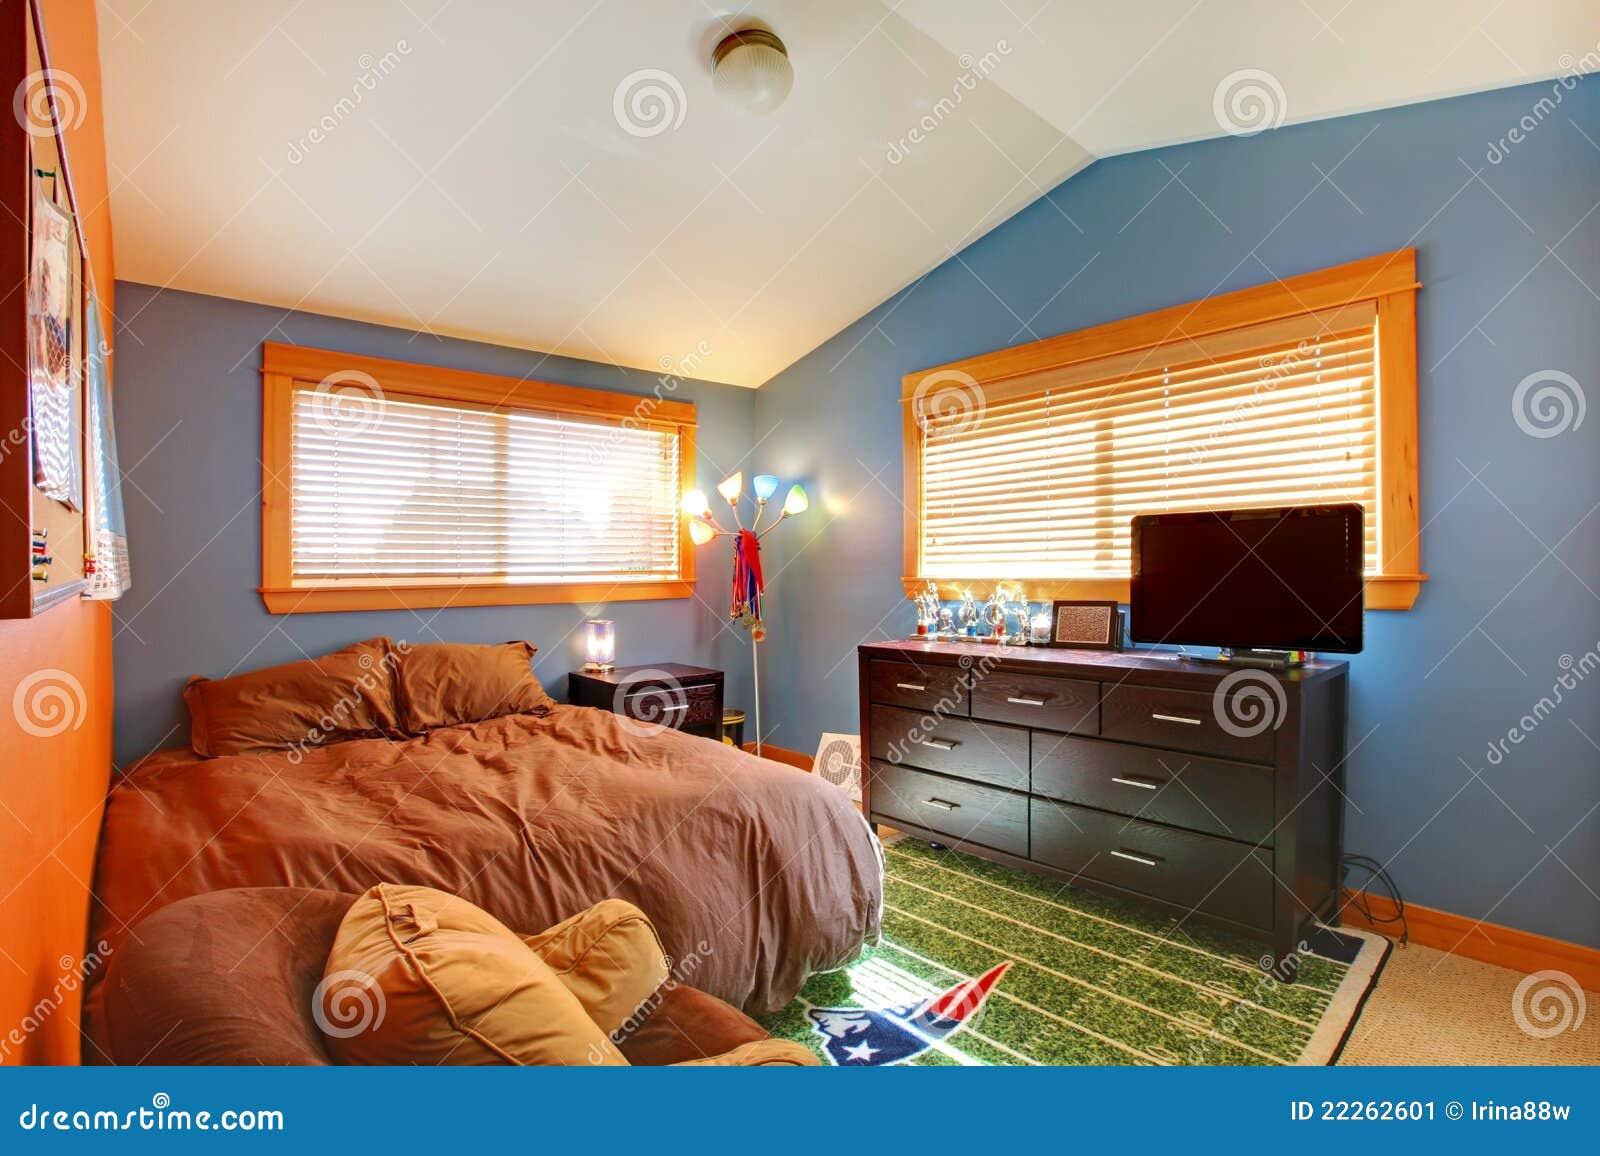 Camera da letto biy dei bambini con l 39 azzurro ed il colore marrone immagine stock immagine di - Pareti camera bambini ...